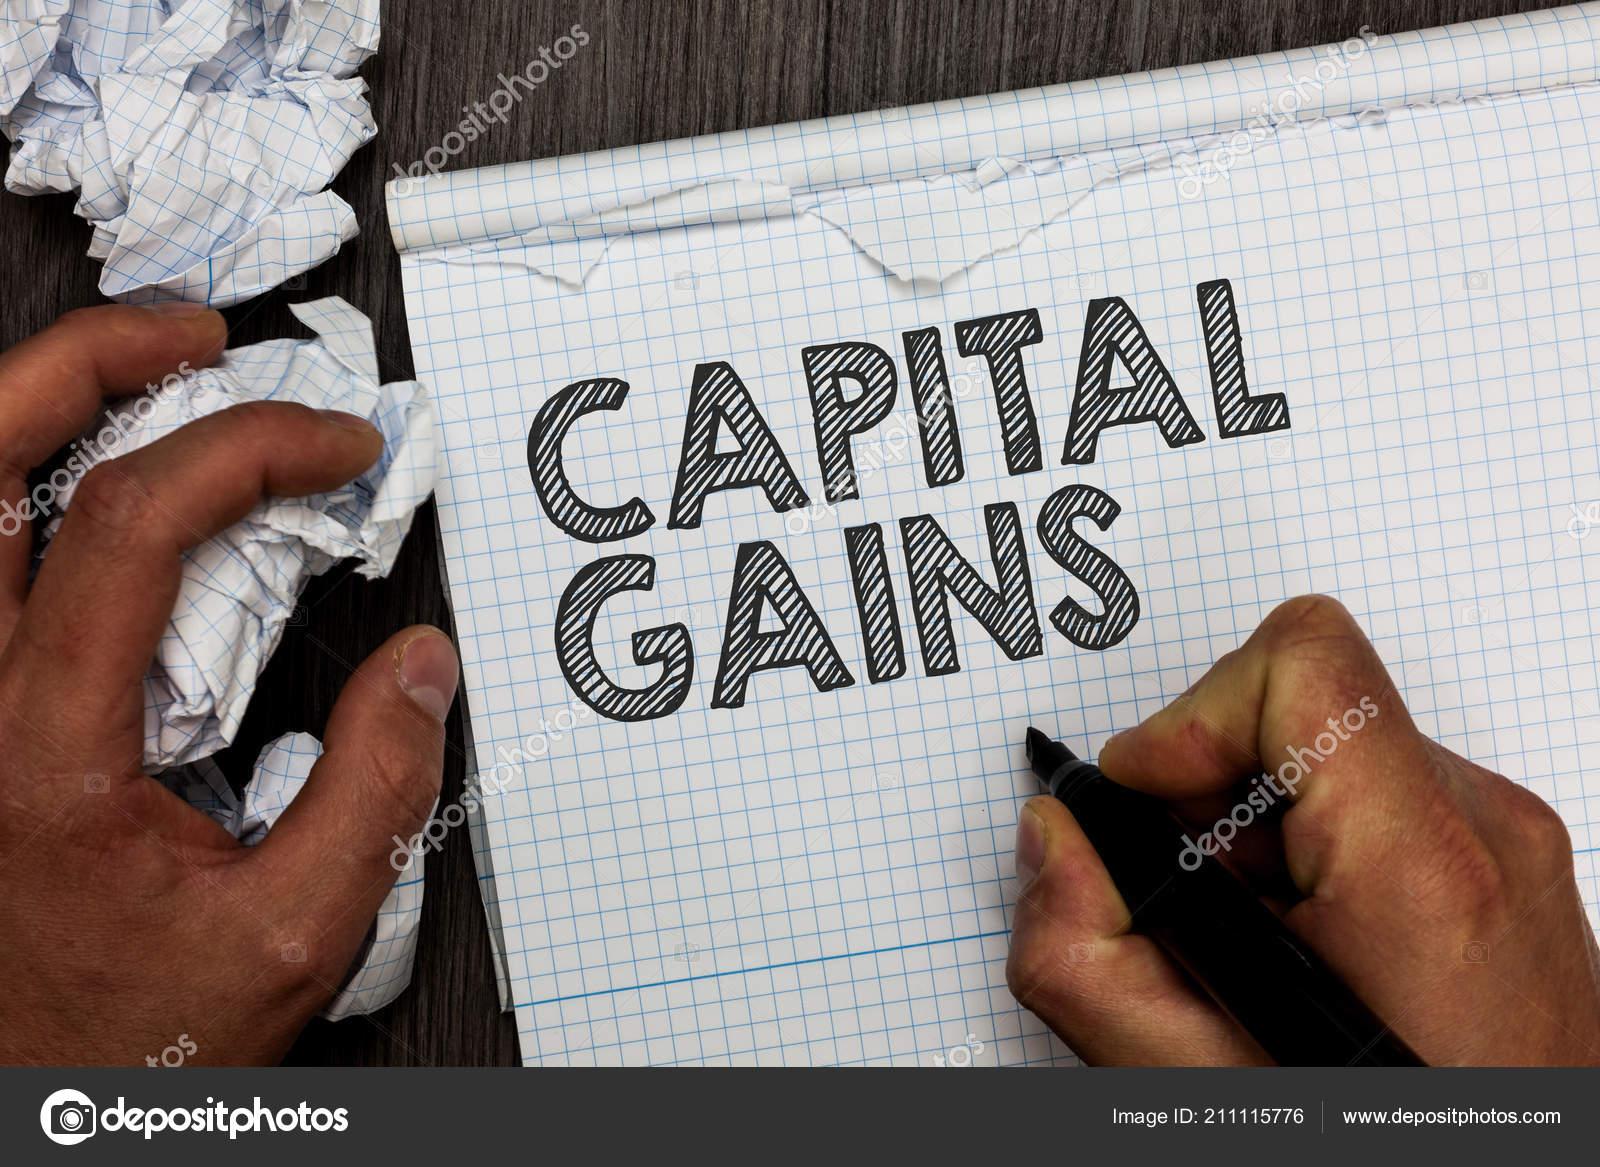 La Palabra Escritura Texto Ganancias De Capital Concepto De